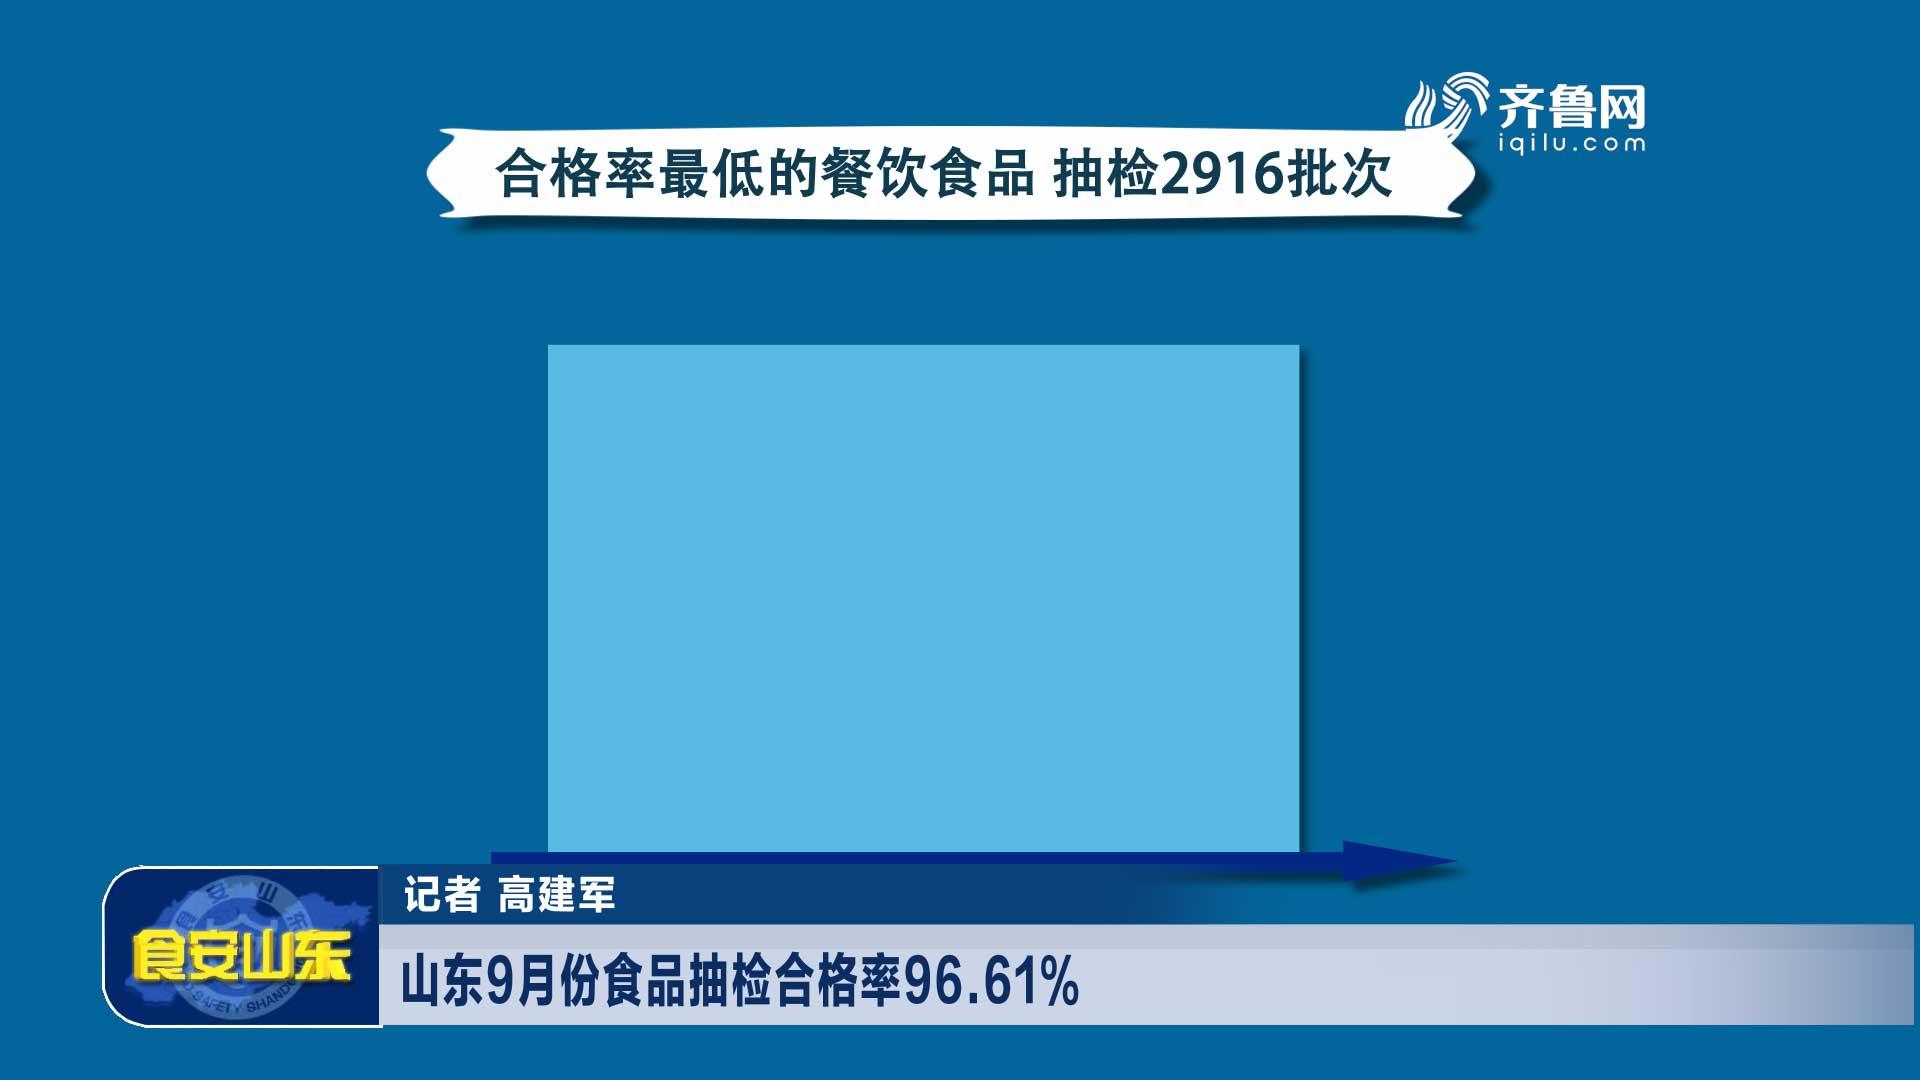 山东9月份食品抽检及格率96.61%